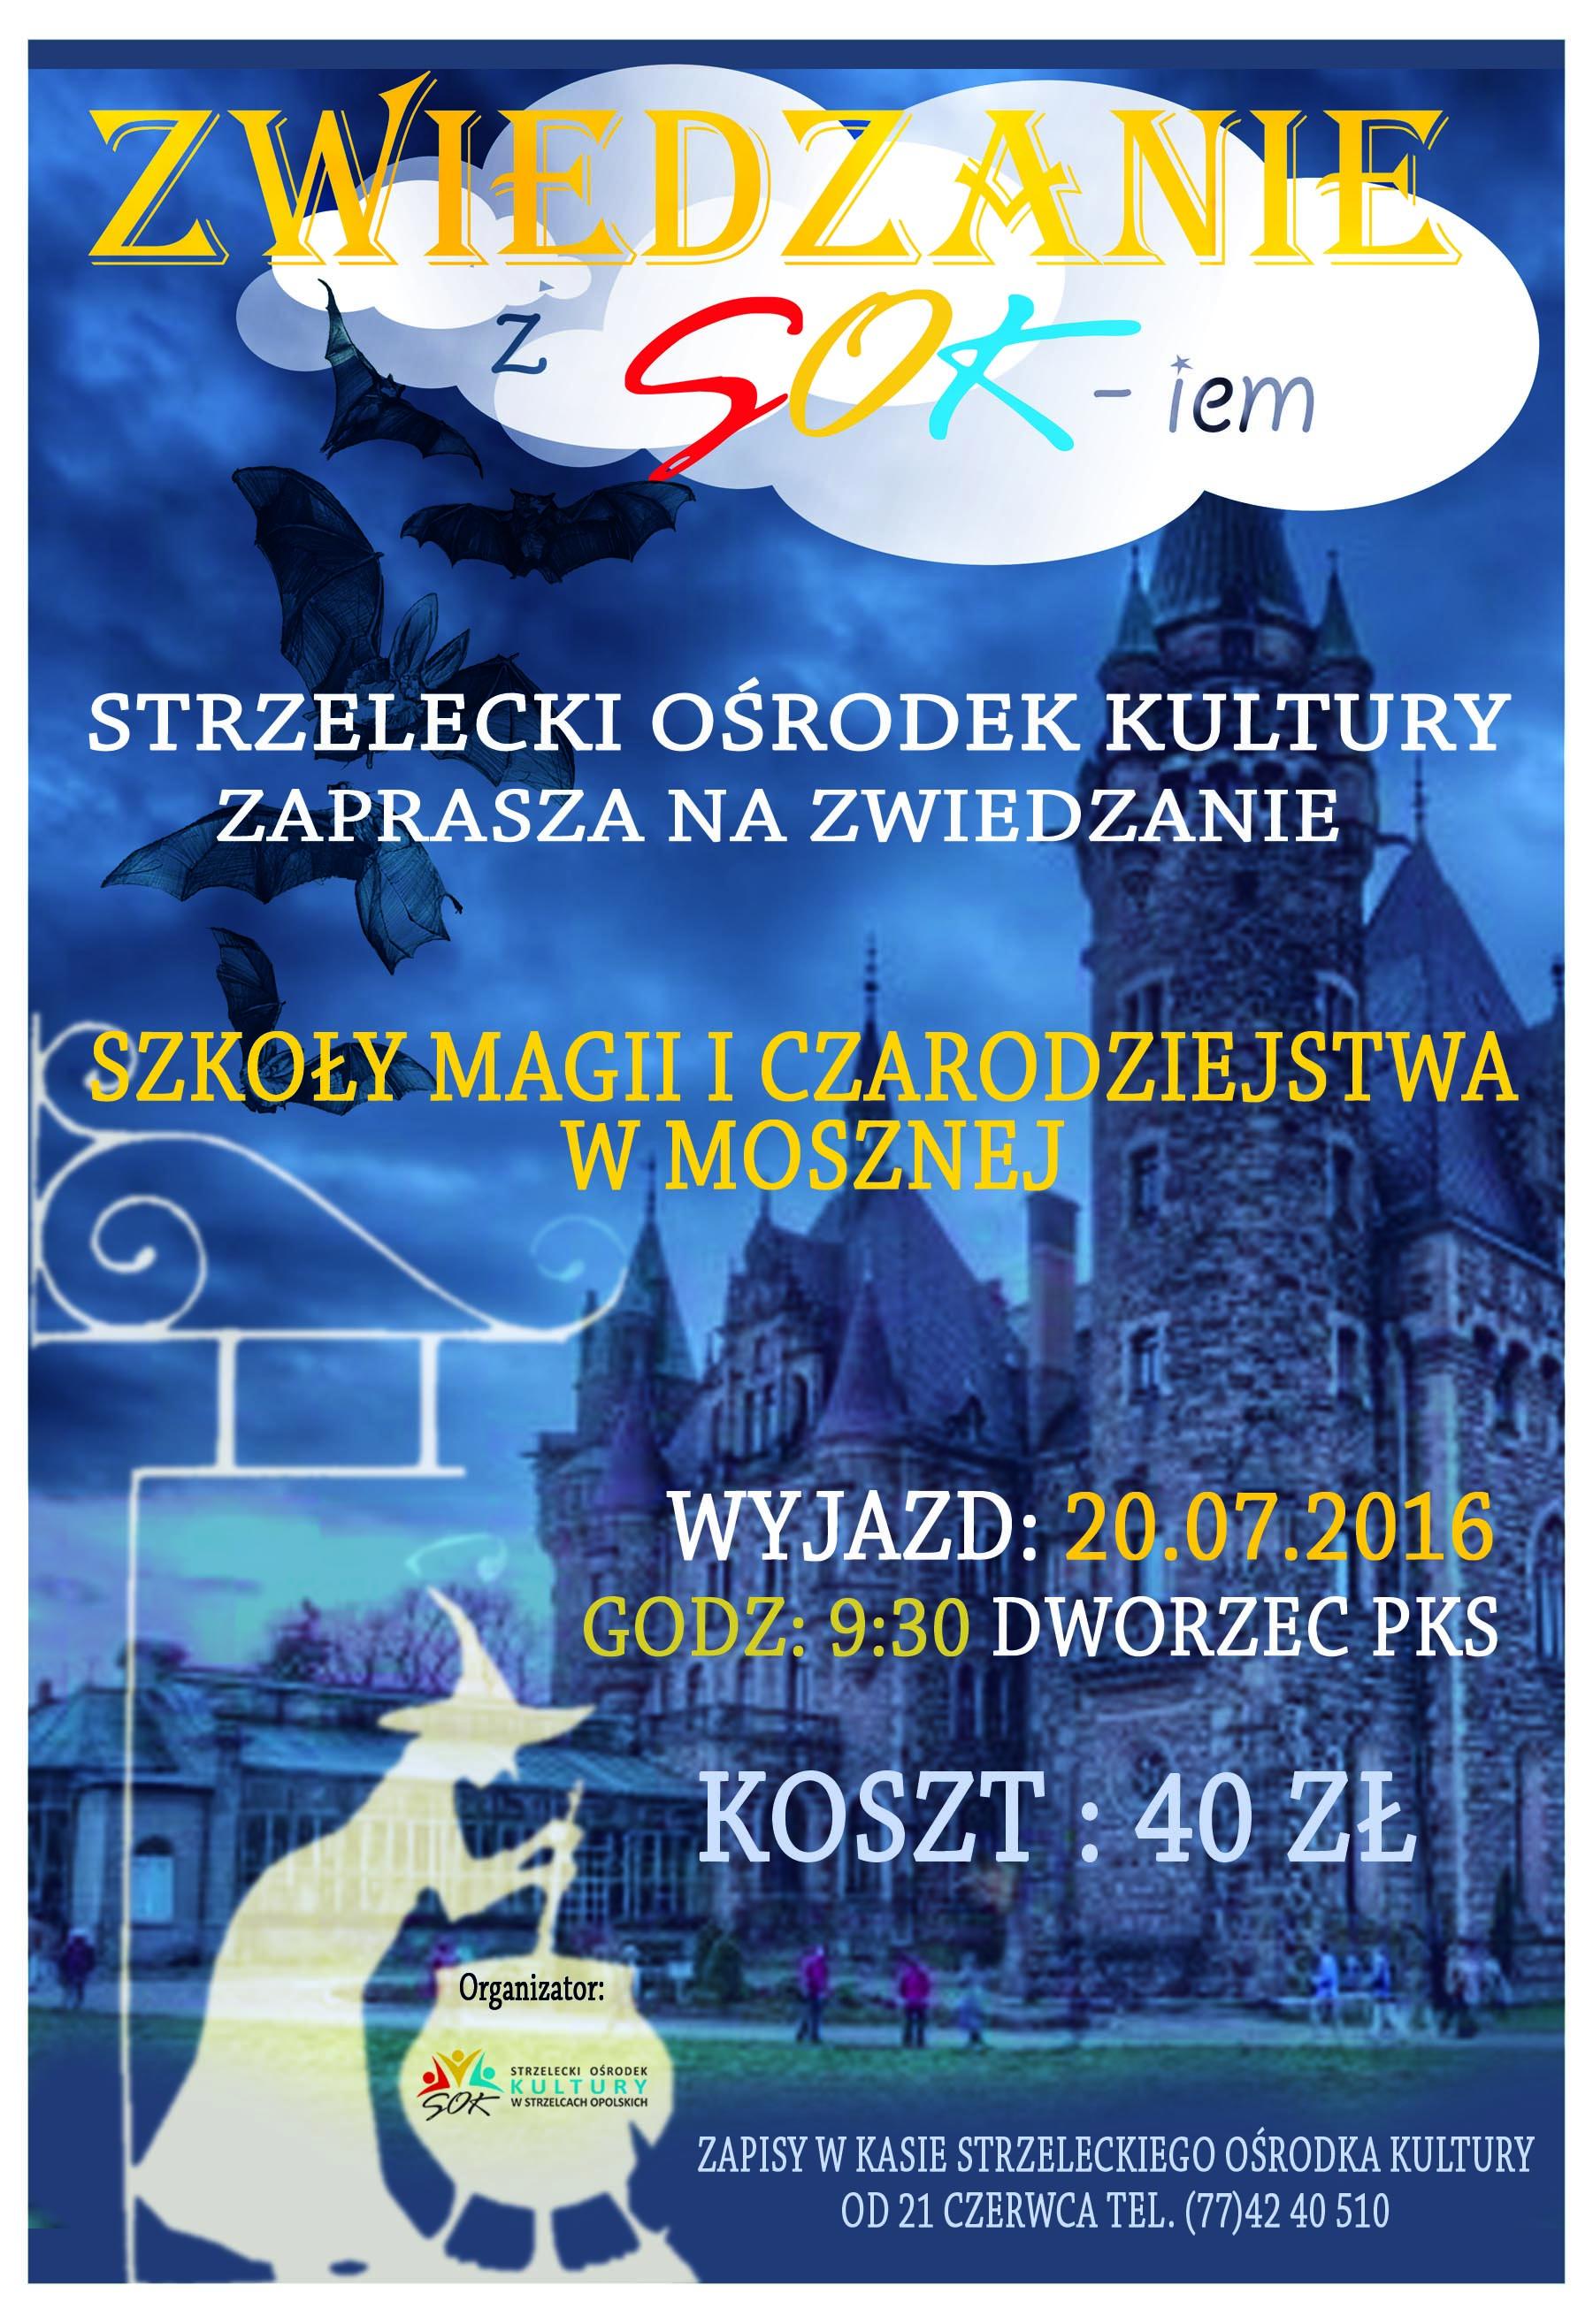 http://www.sok.strzelceopolskie.pl/files/docs/zamek-magii.jpg